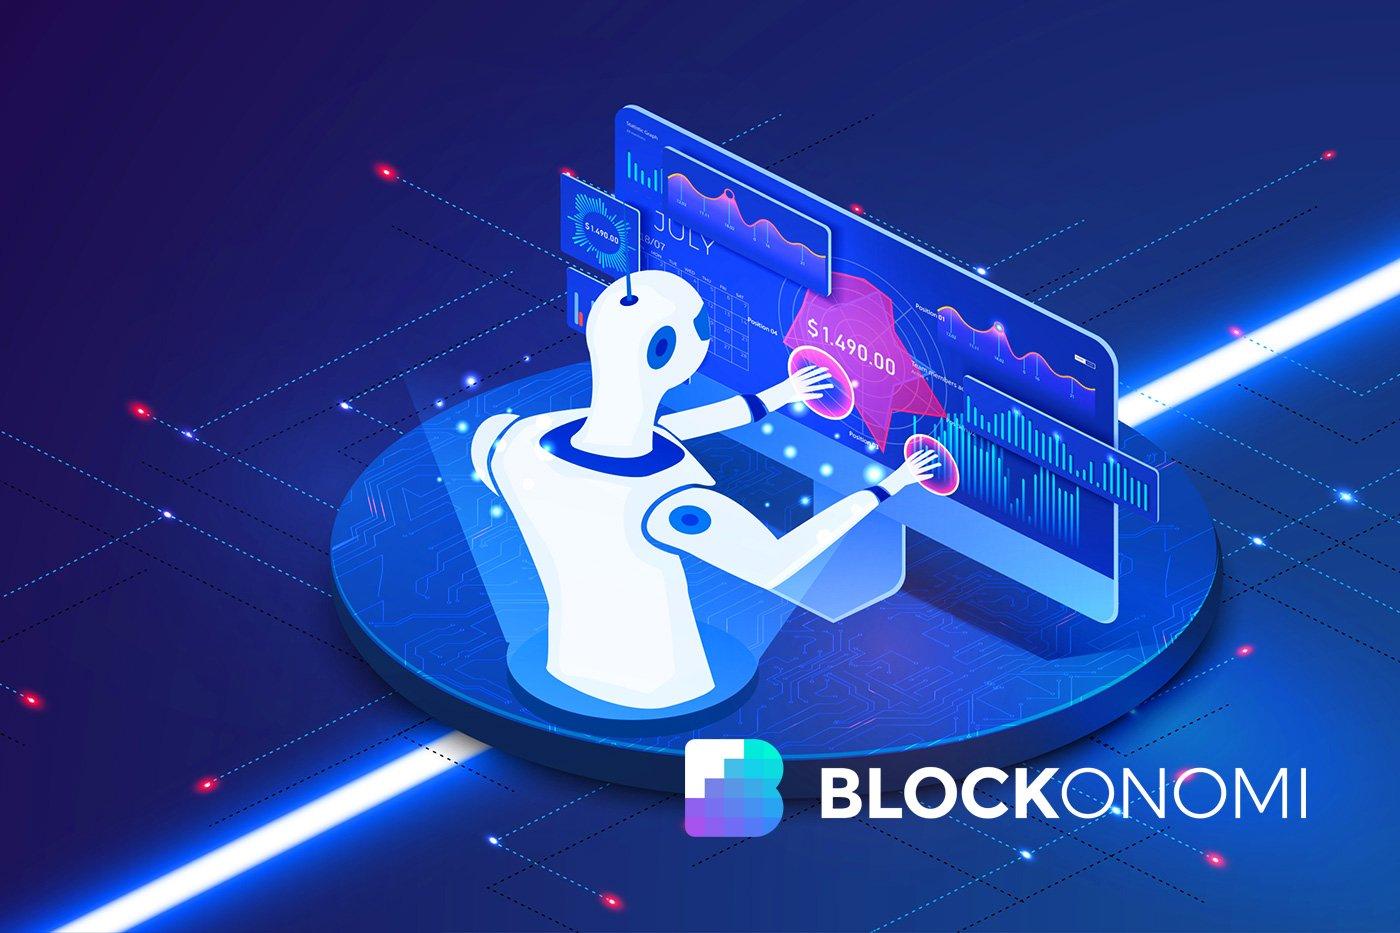 automated cryptocurrency trading system fantazijos prekybos galimybės